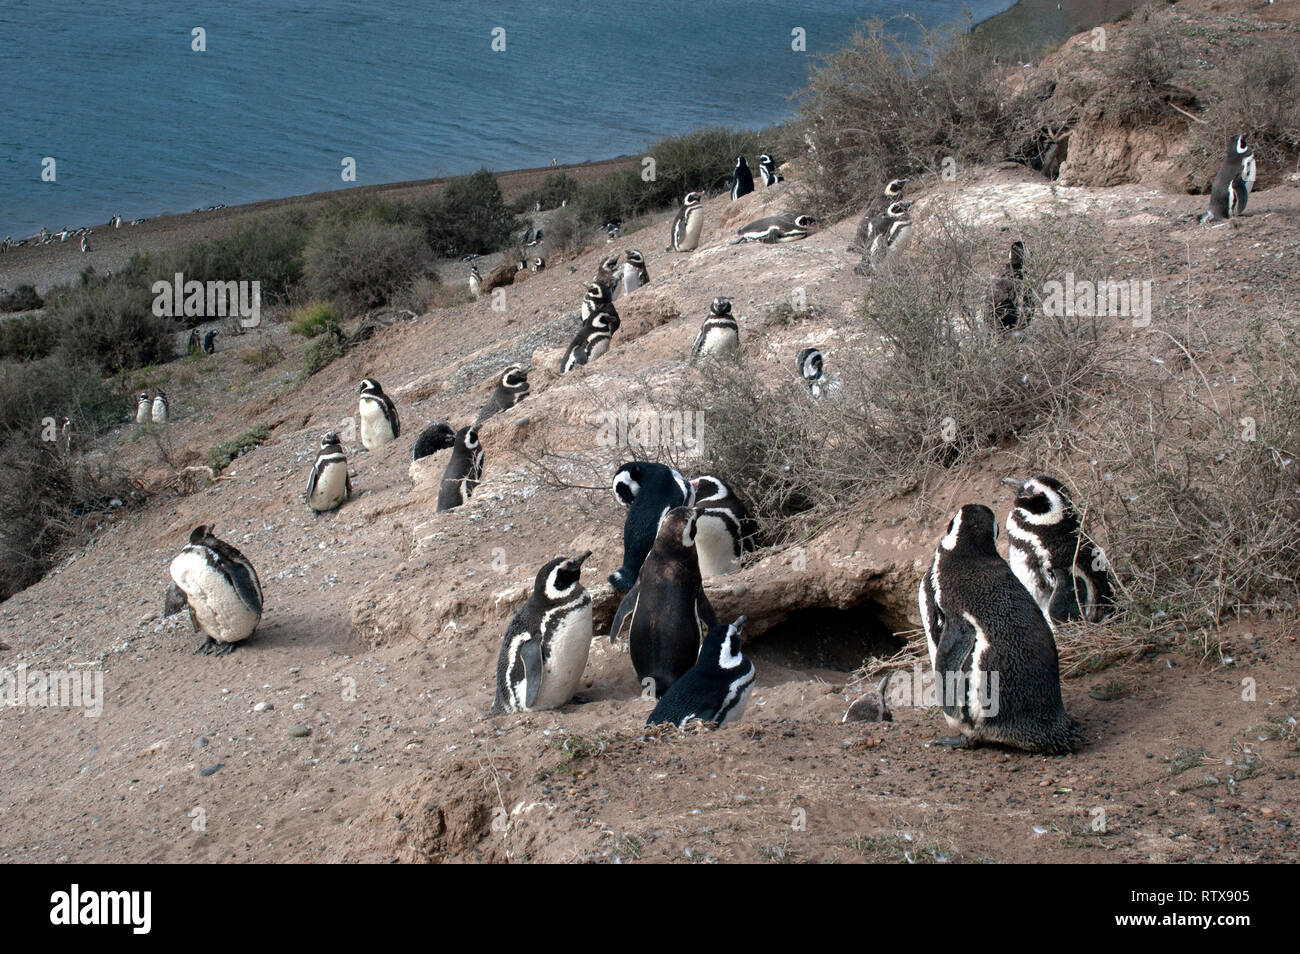 Magellanic Penguins, Spheniscus magellanicus, at the San Lorenzo Pinguinera, Valdes Peninsula, Chubut, Patagonia Argentina Stock Photo